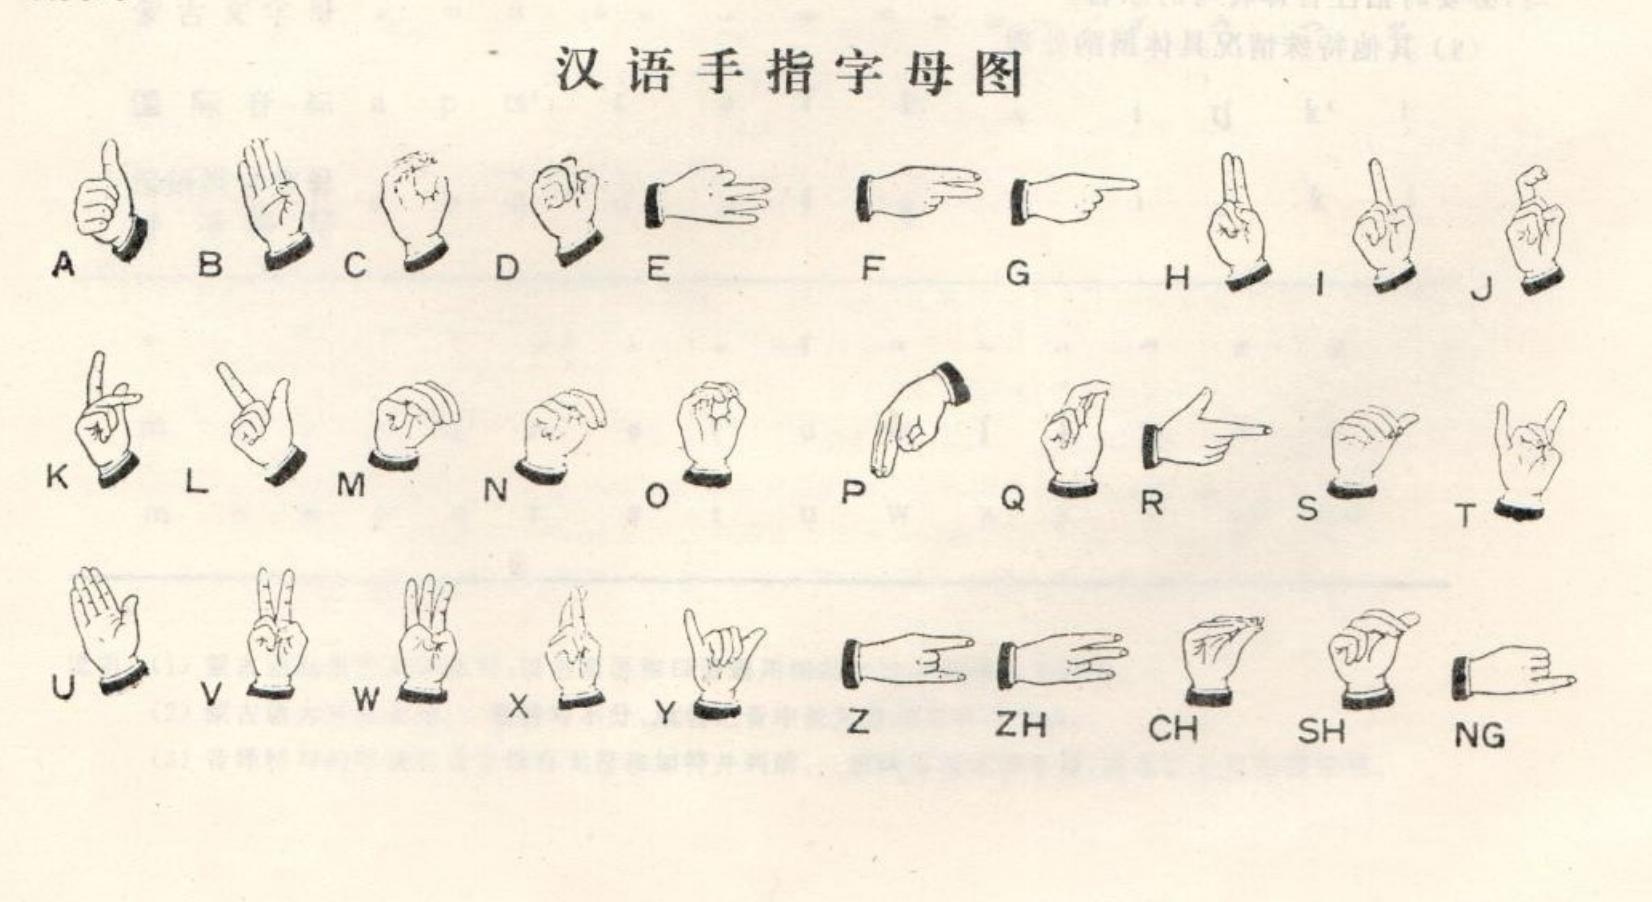 教育部、国家语委、中国残联联合发布《汉语手...